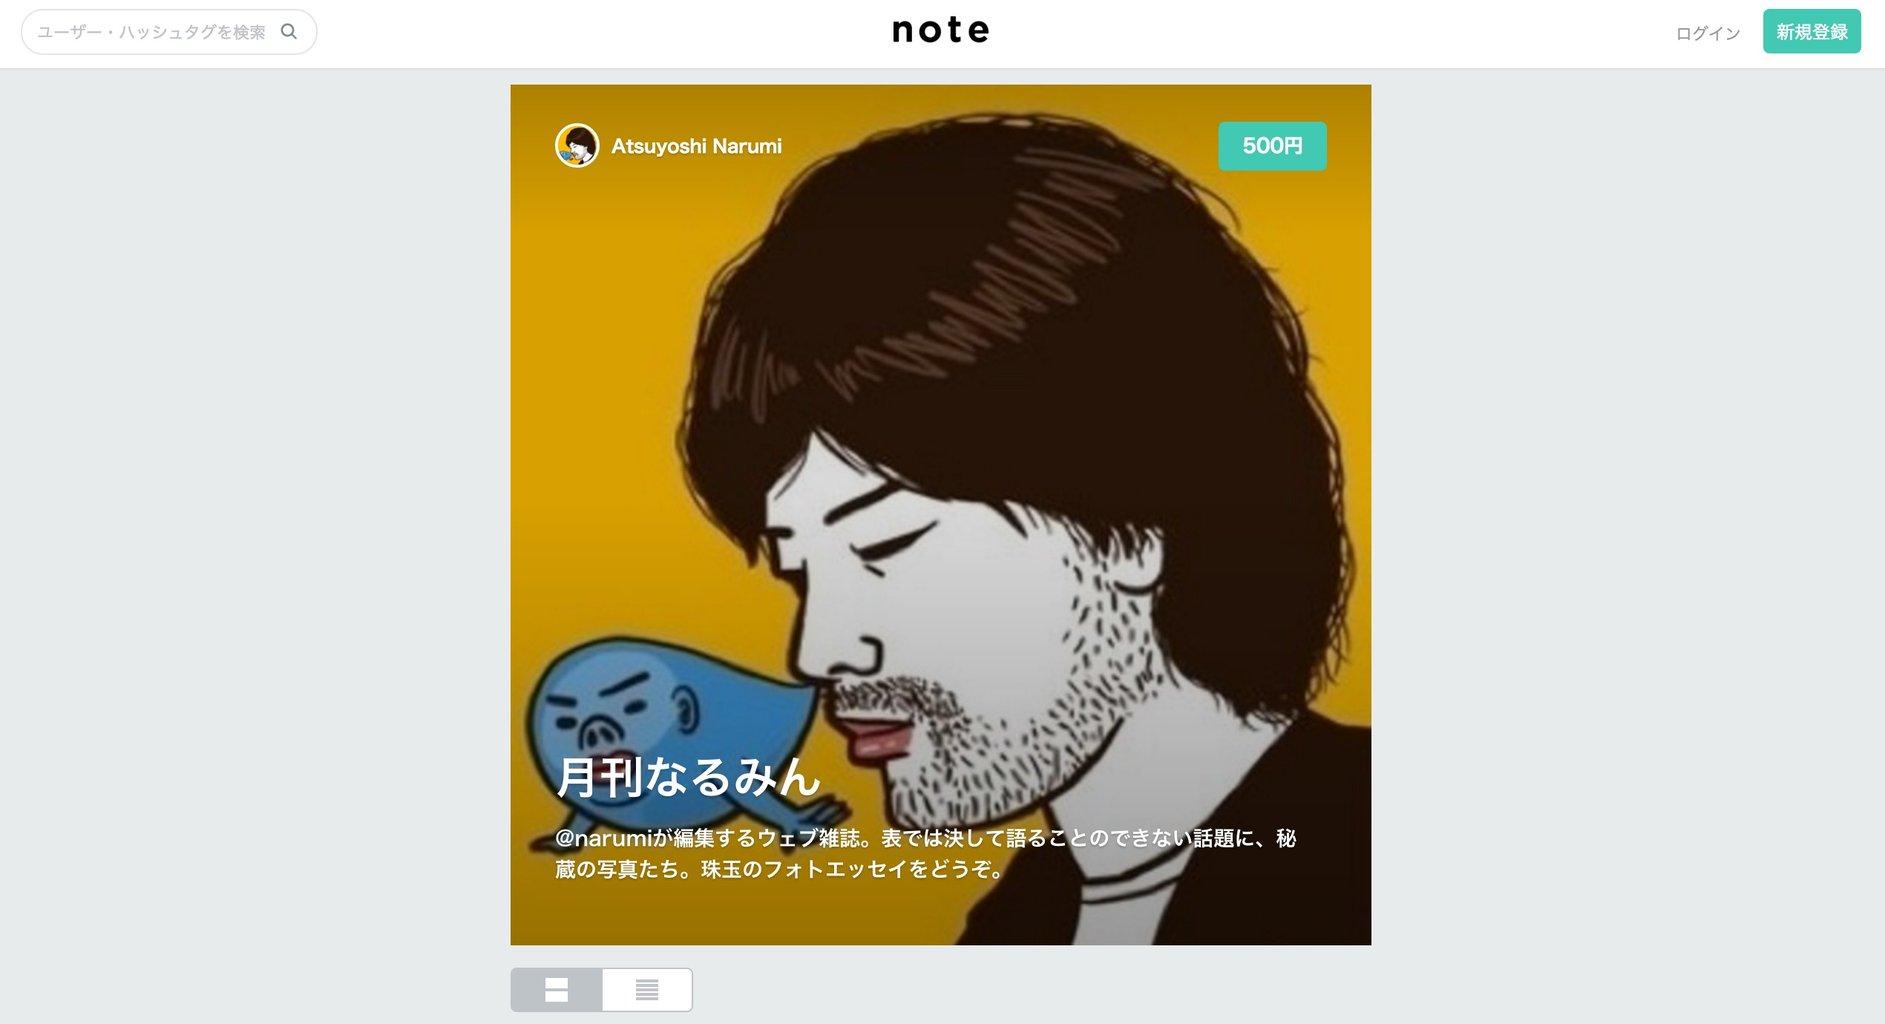 最強のウェブマガジン「月刊なるみん」がnoteに爆誕!梅木よ、イケハヤよ、はあちゅうよ!震えて待て!!